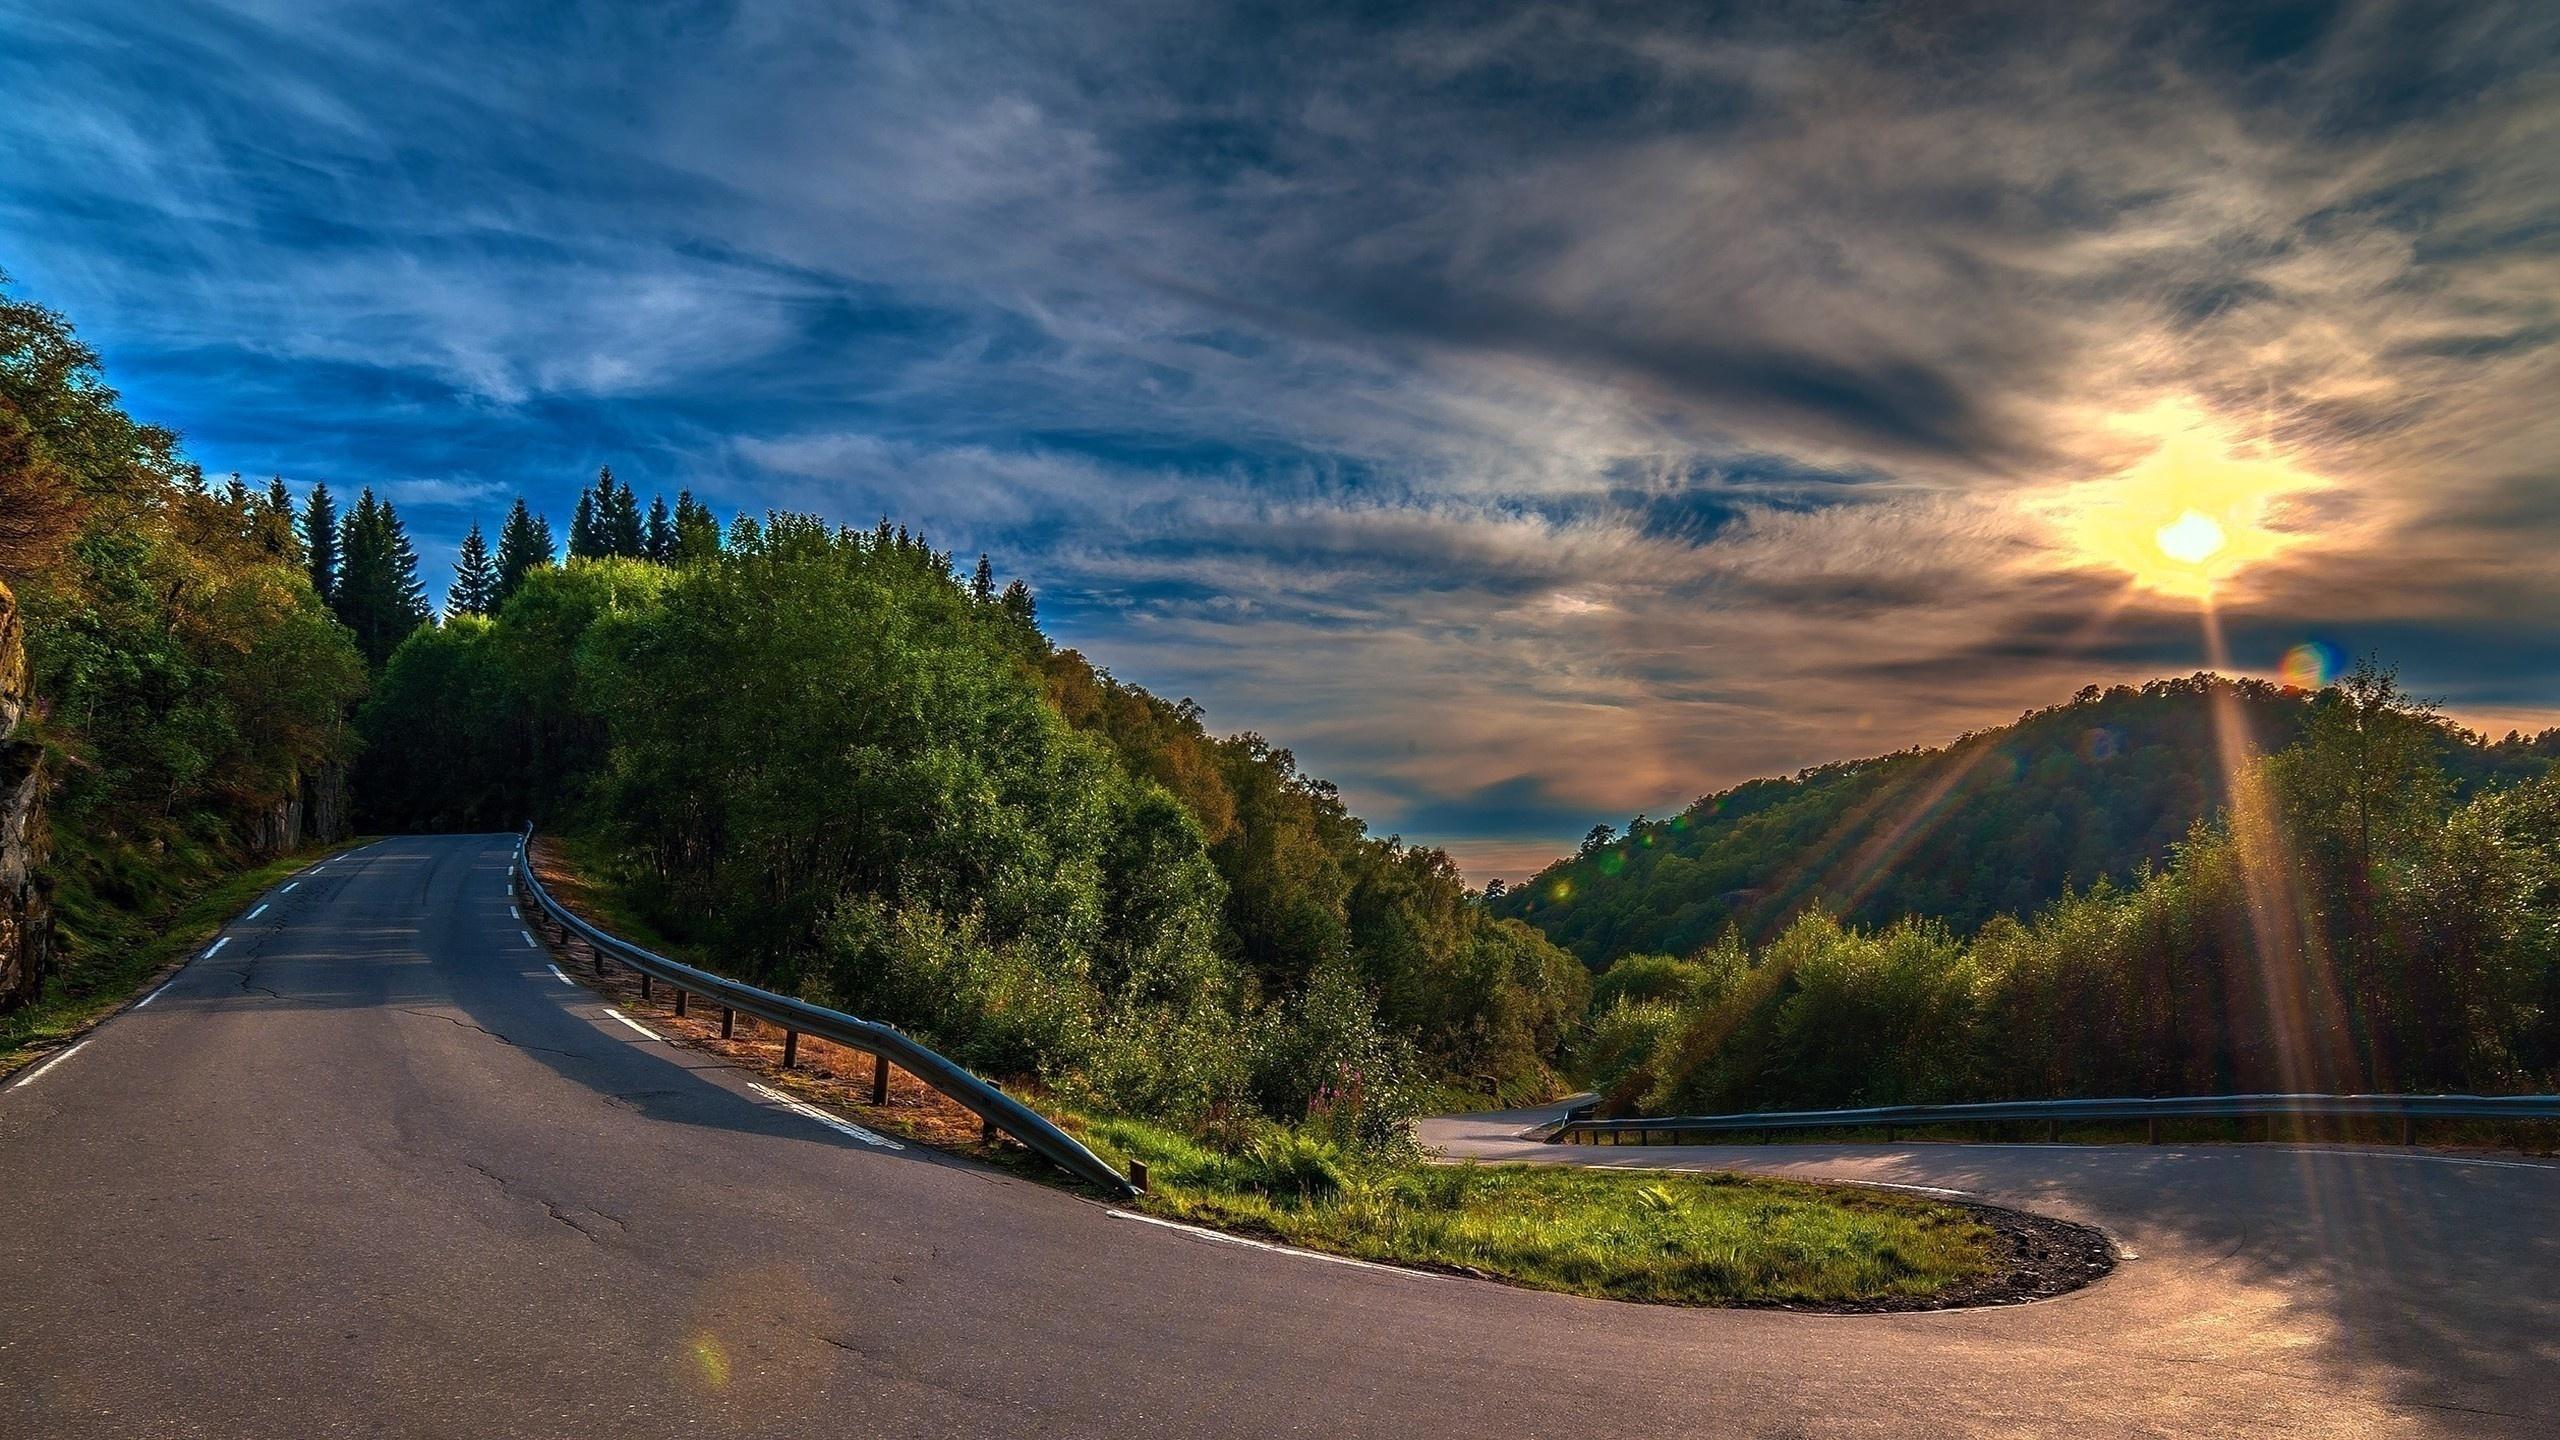 Солнце, рассвет, горы, холмы, дорога скачать